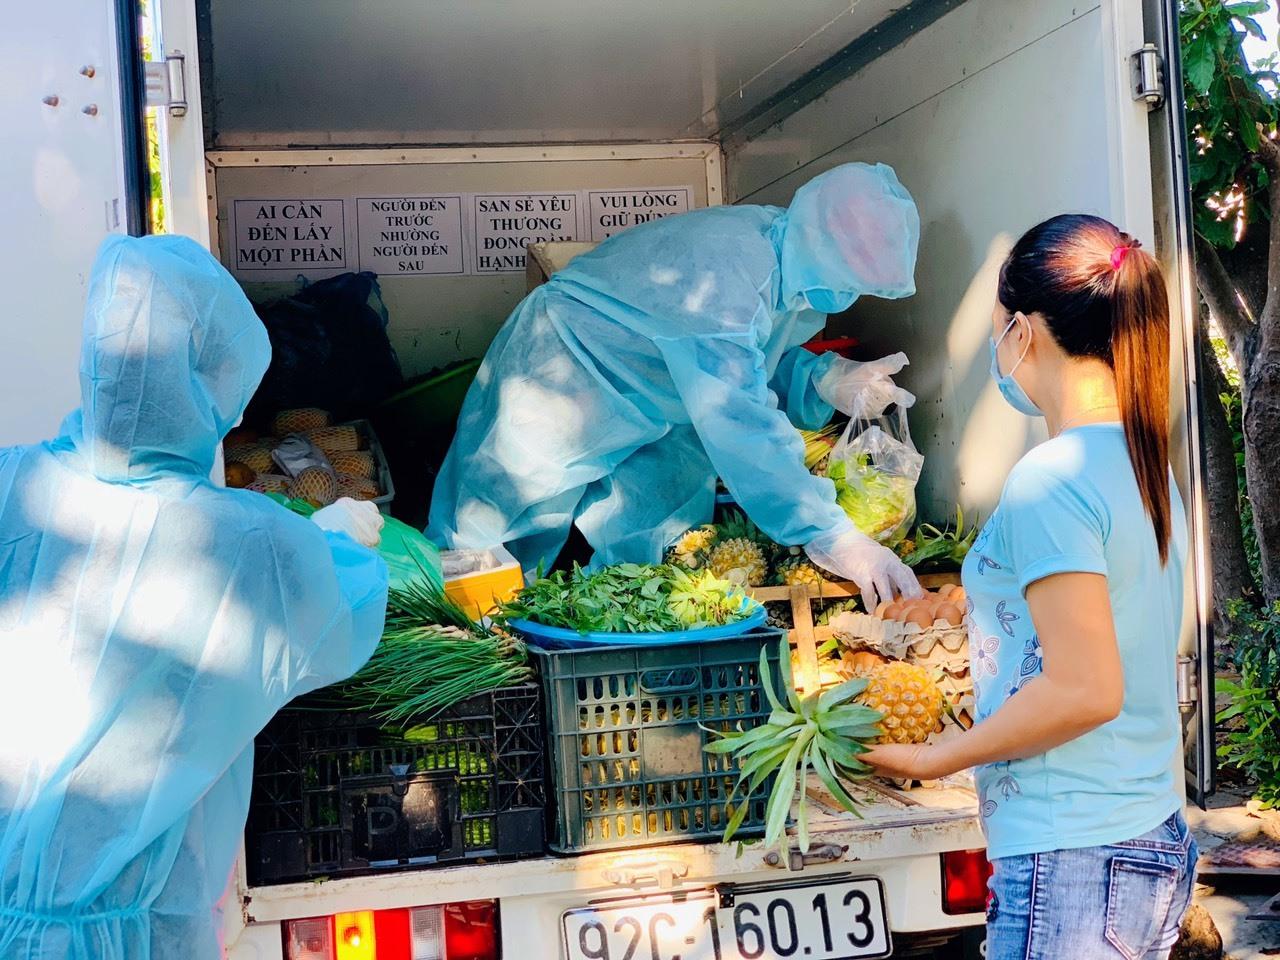 Chuyến xe chở thực phẩm tặng cho người dân. Ảnh: H.A